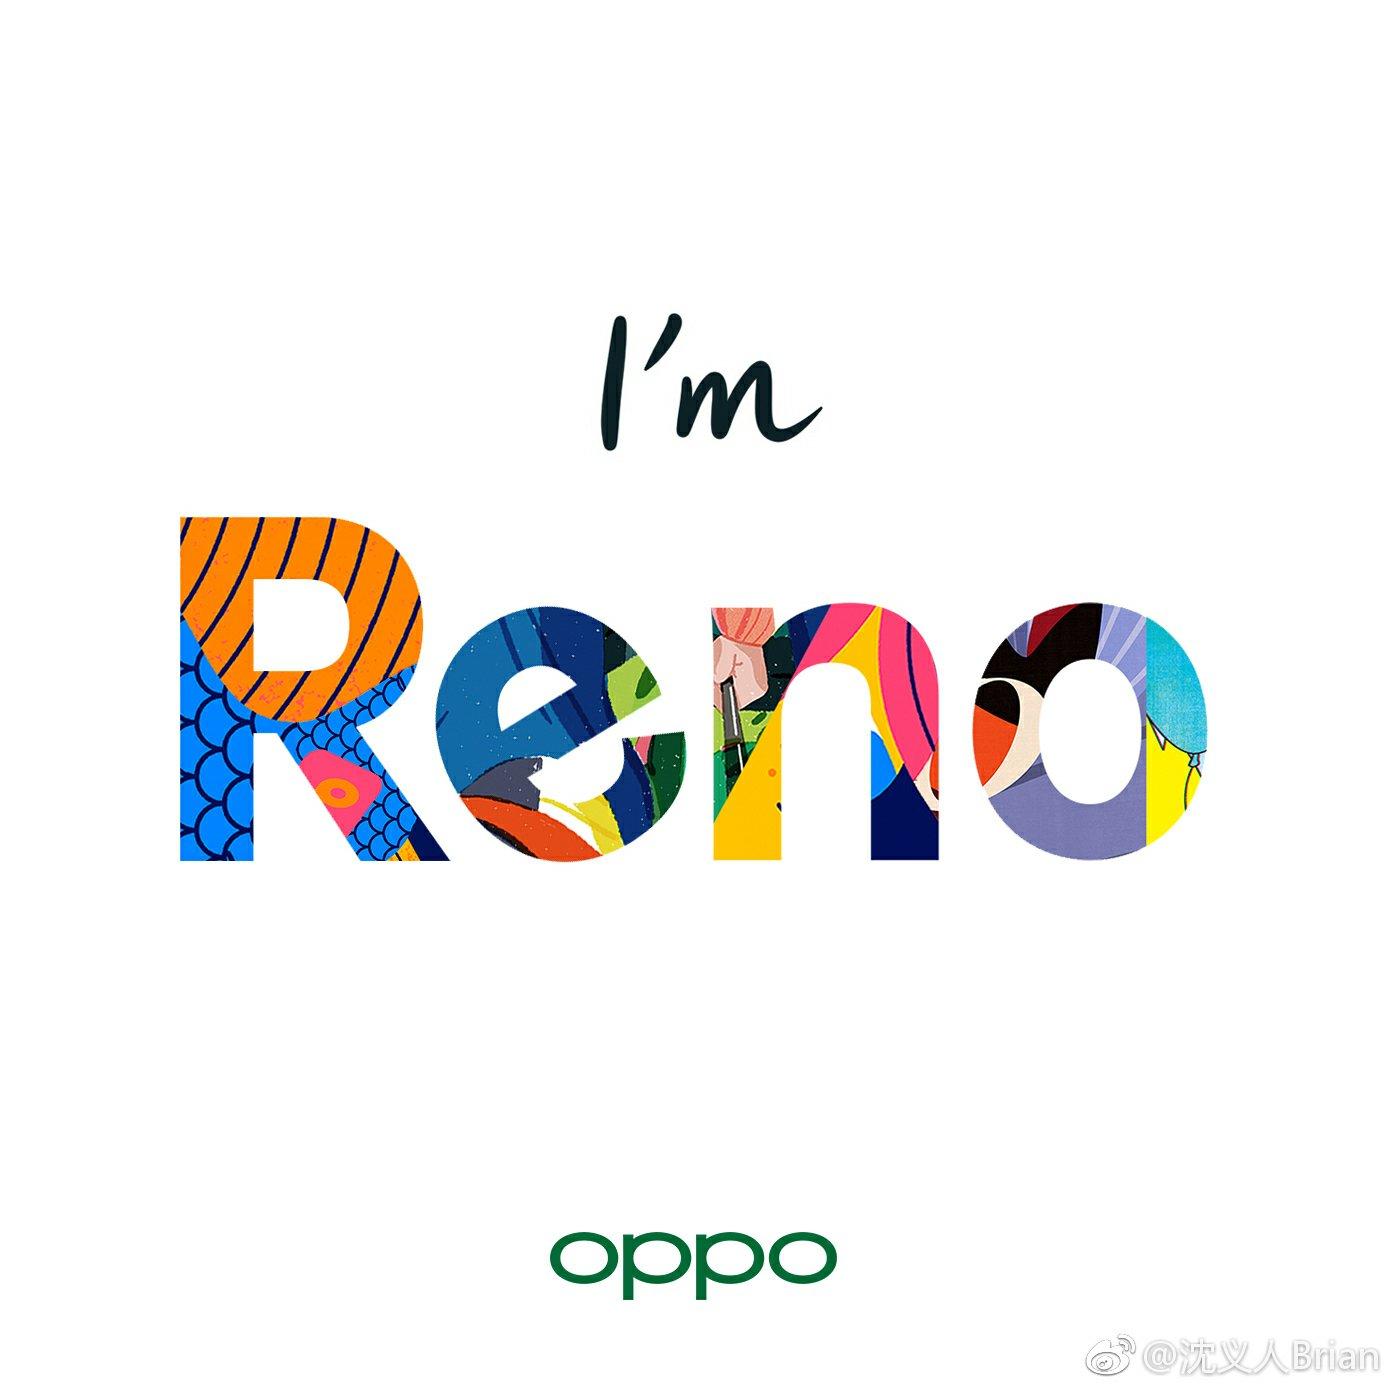 Voici Reno, la nouvelle marque (colorée ?) d'Oppo qui prépare un smartphone avec S855